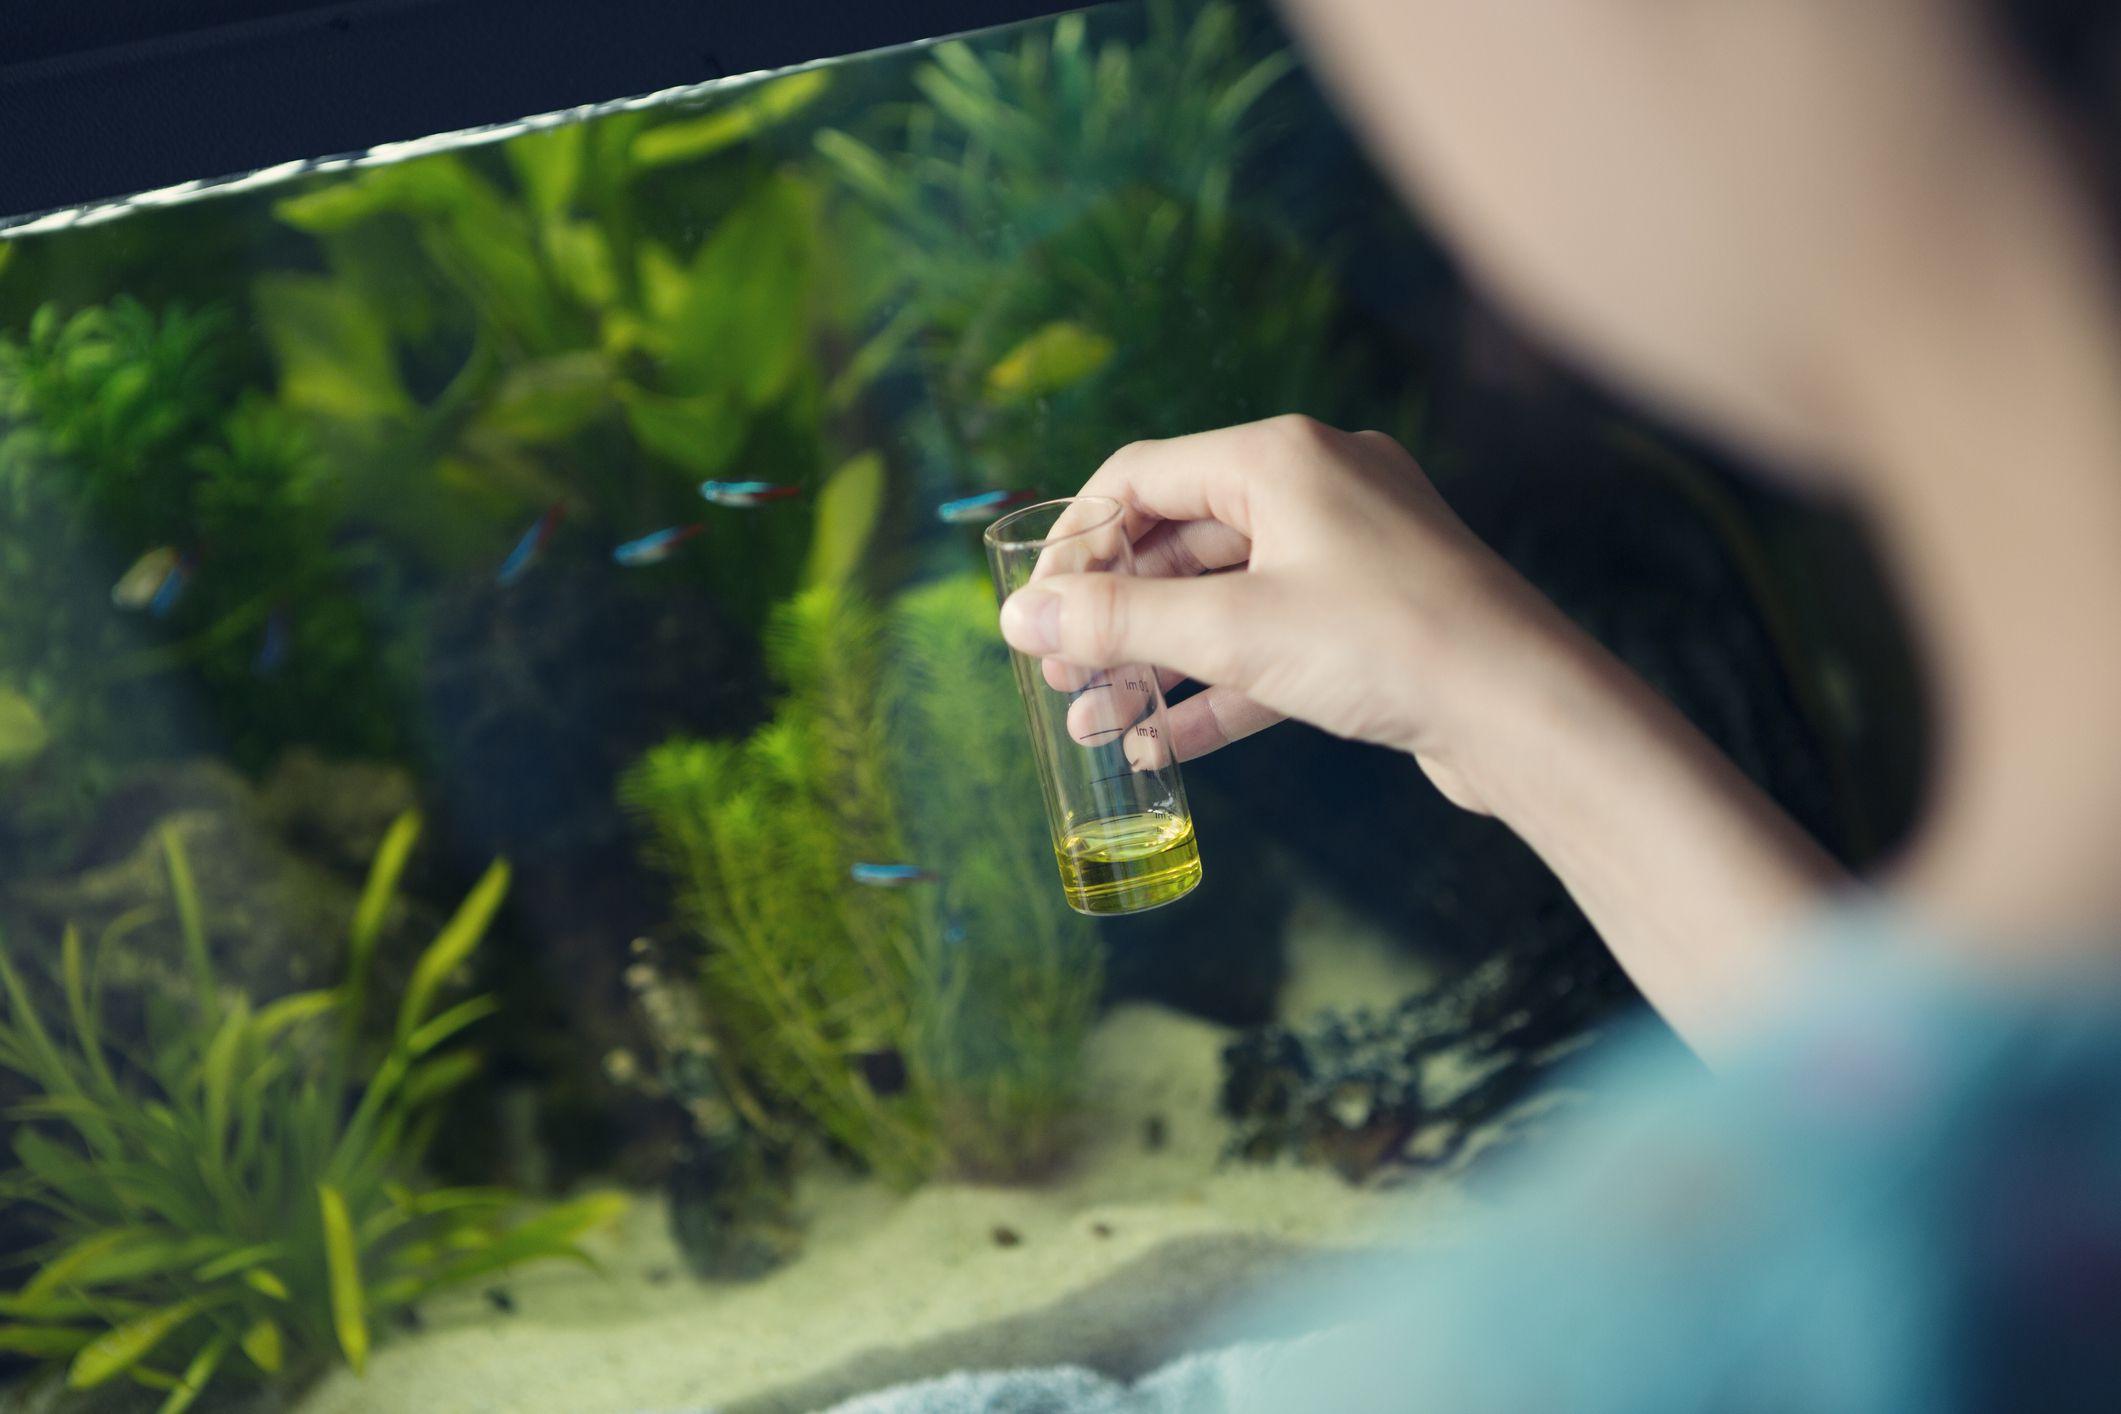 استفاده از تستر های آب در طول دوران طی شدن سیکل به درک مناسب از روند آن کمک شایانی می نماید.